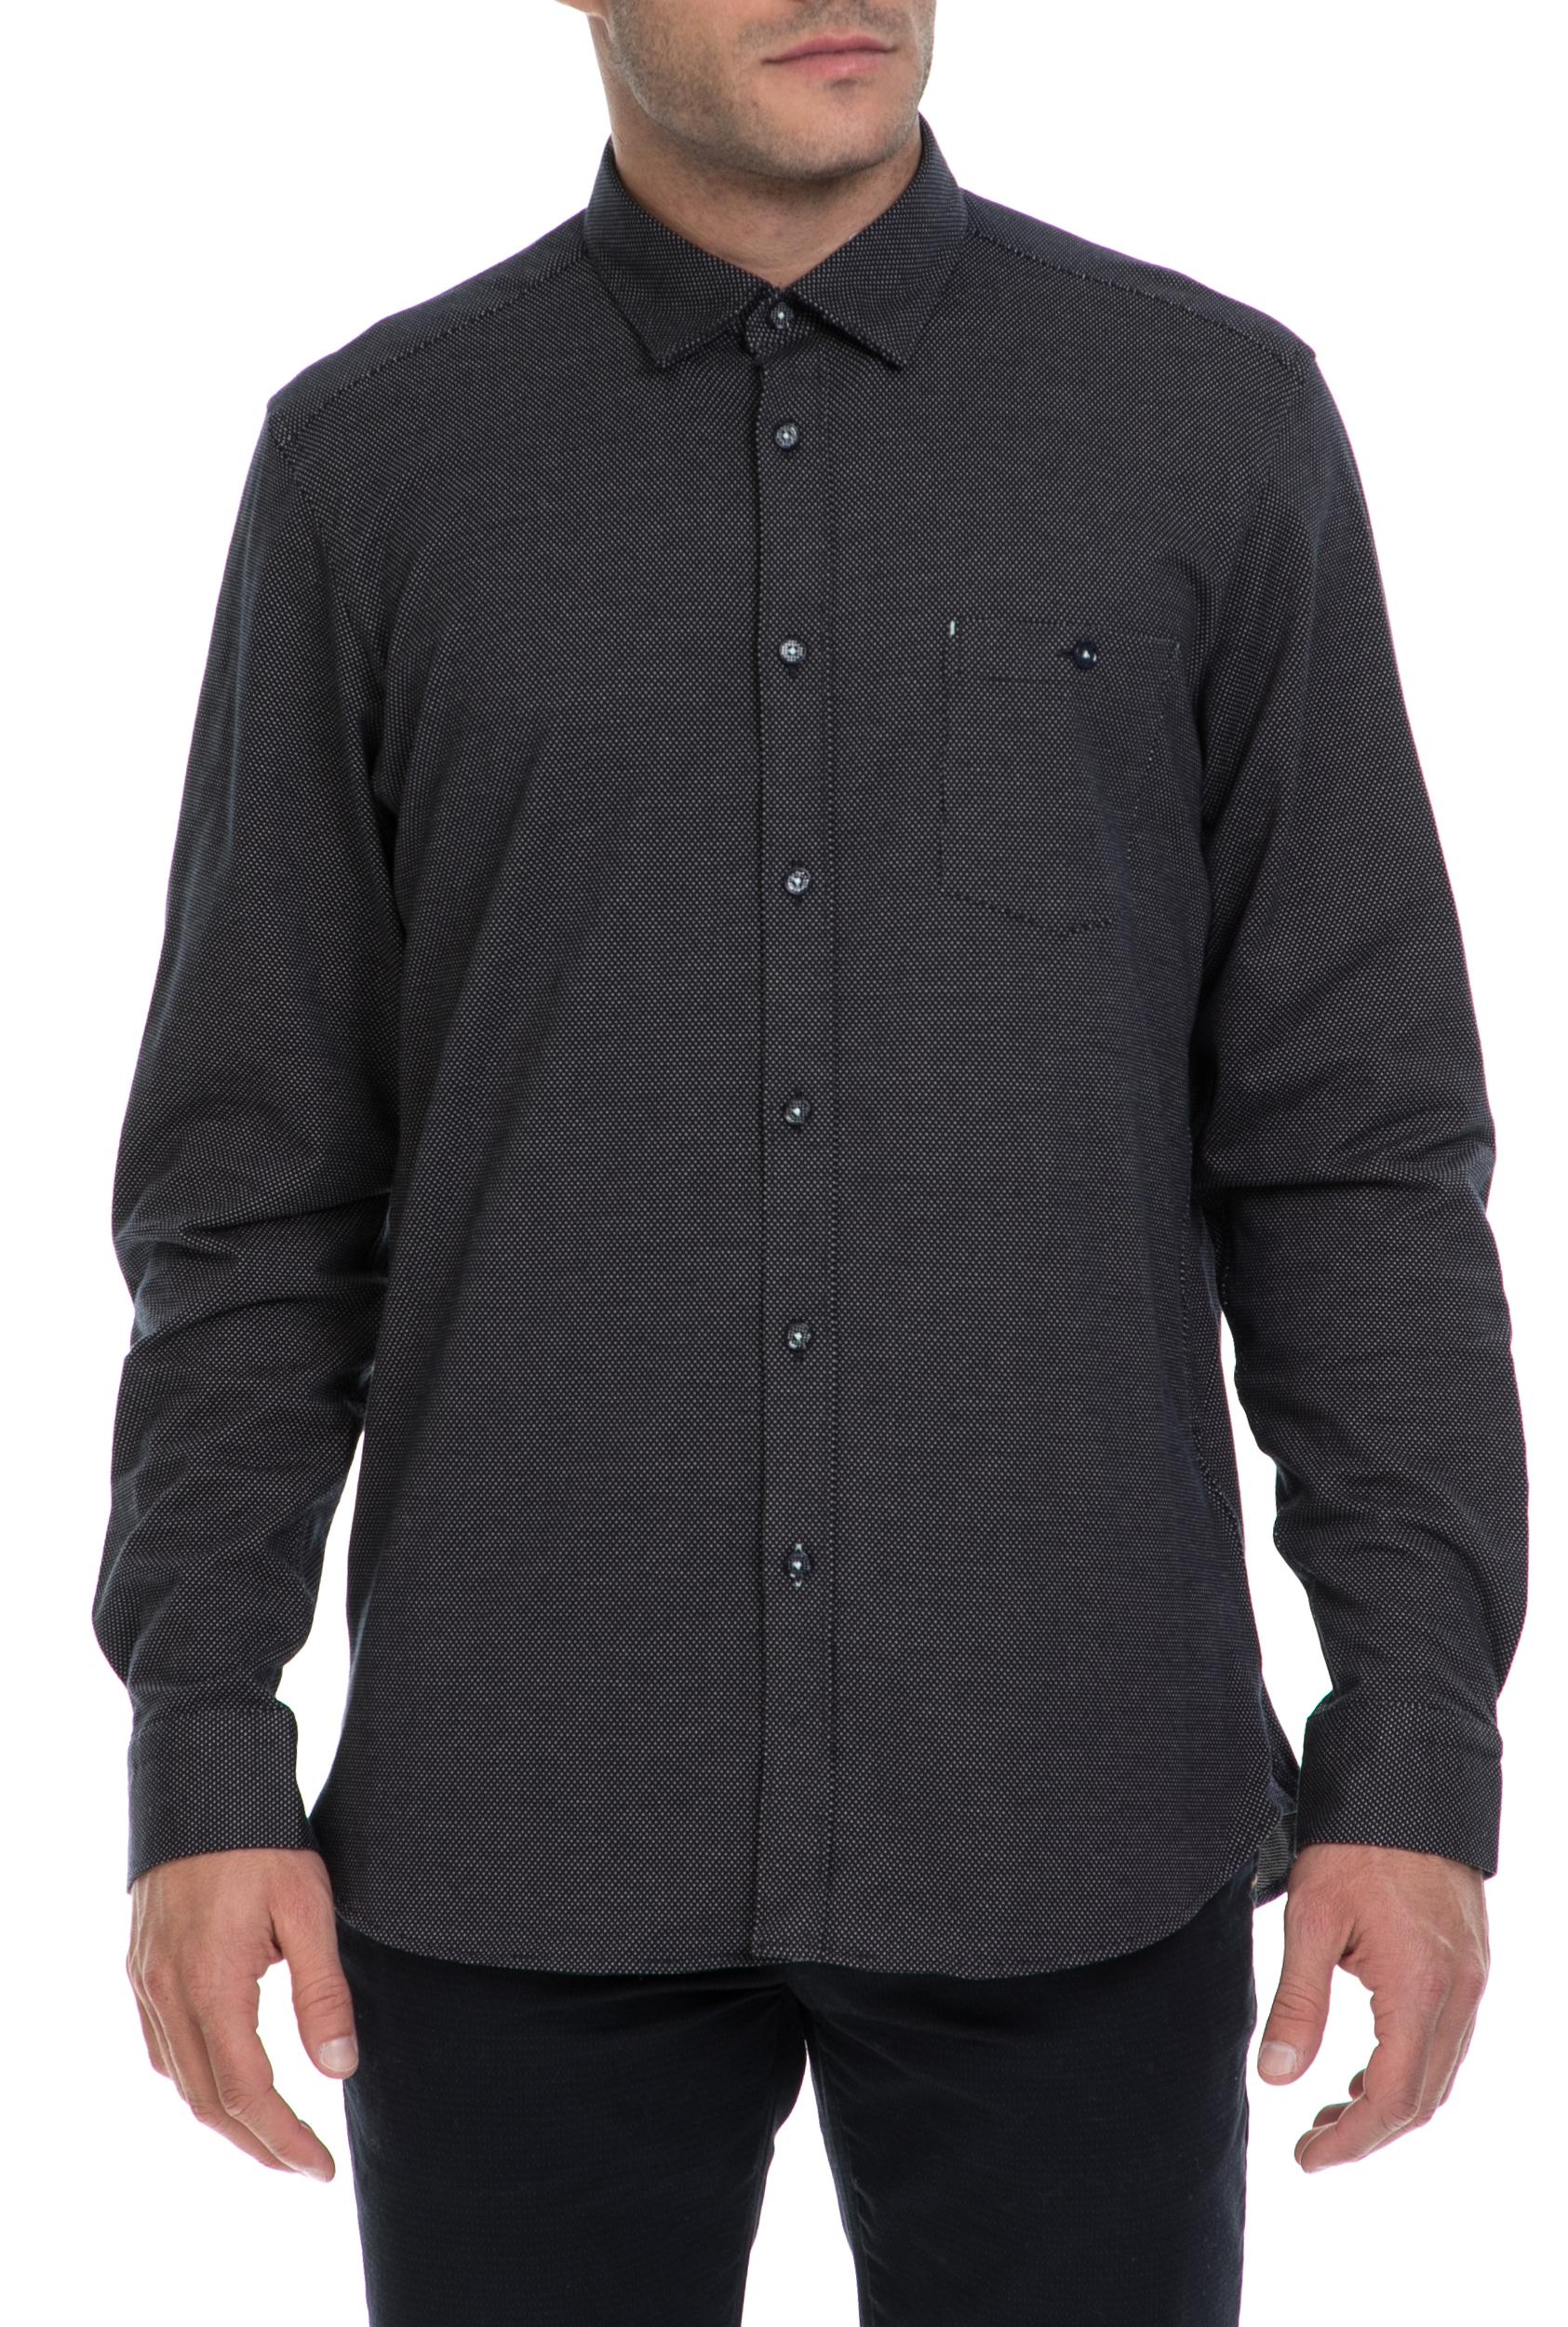 TED BAKER - Ανδρικό πουκάμισο MAXXB TED BAKER μπλε ανδρικά ρούχα πουκάμισα μακρυμάνικα